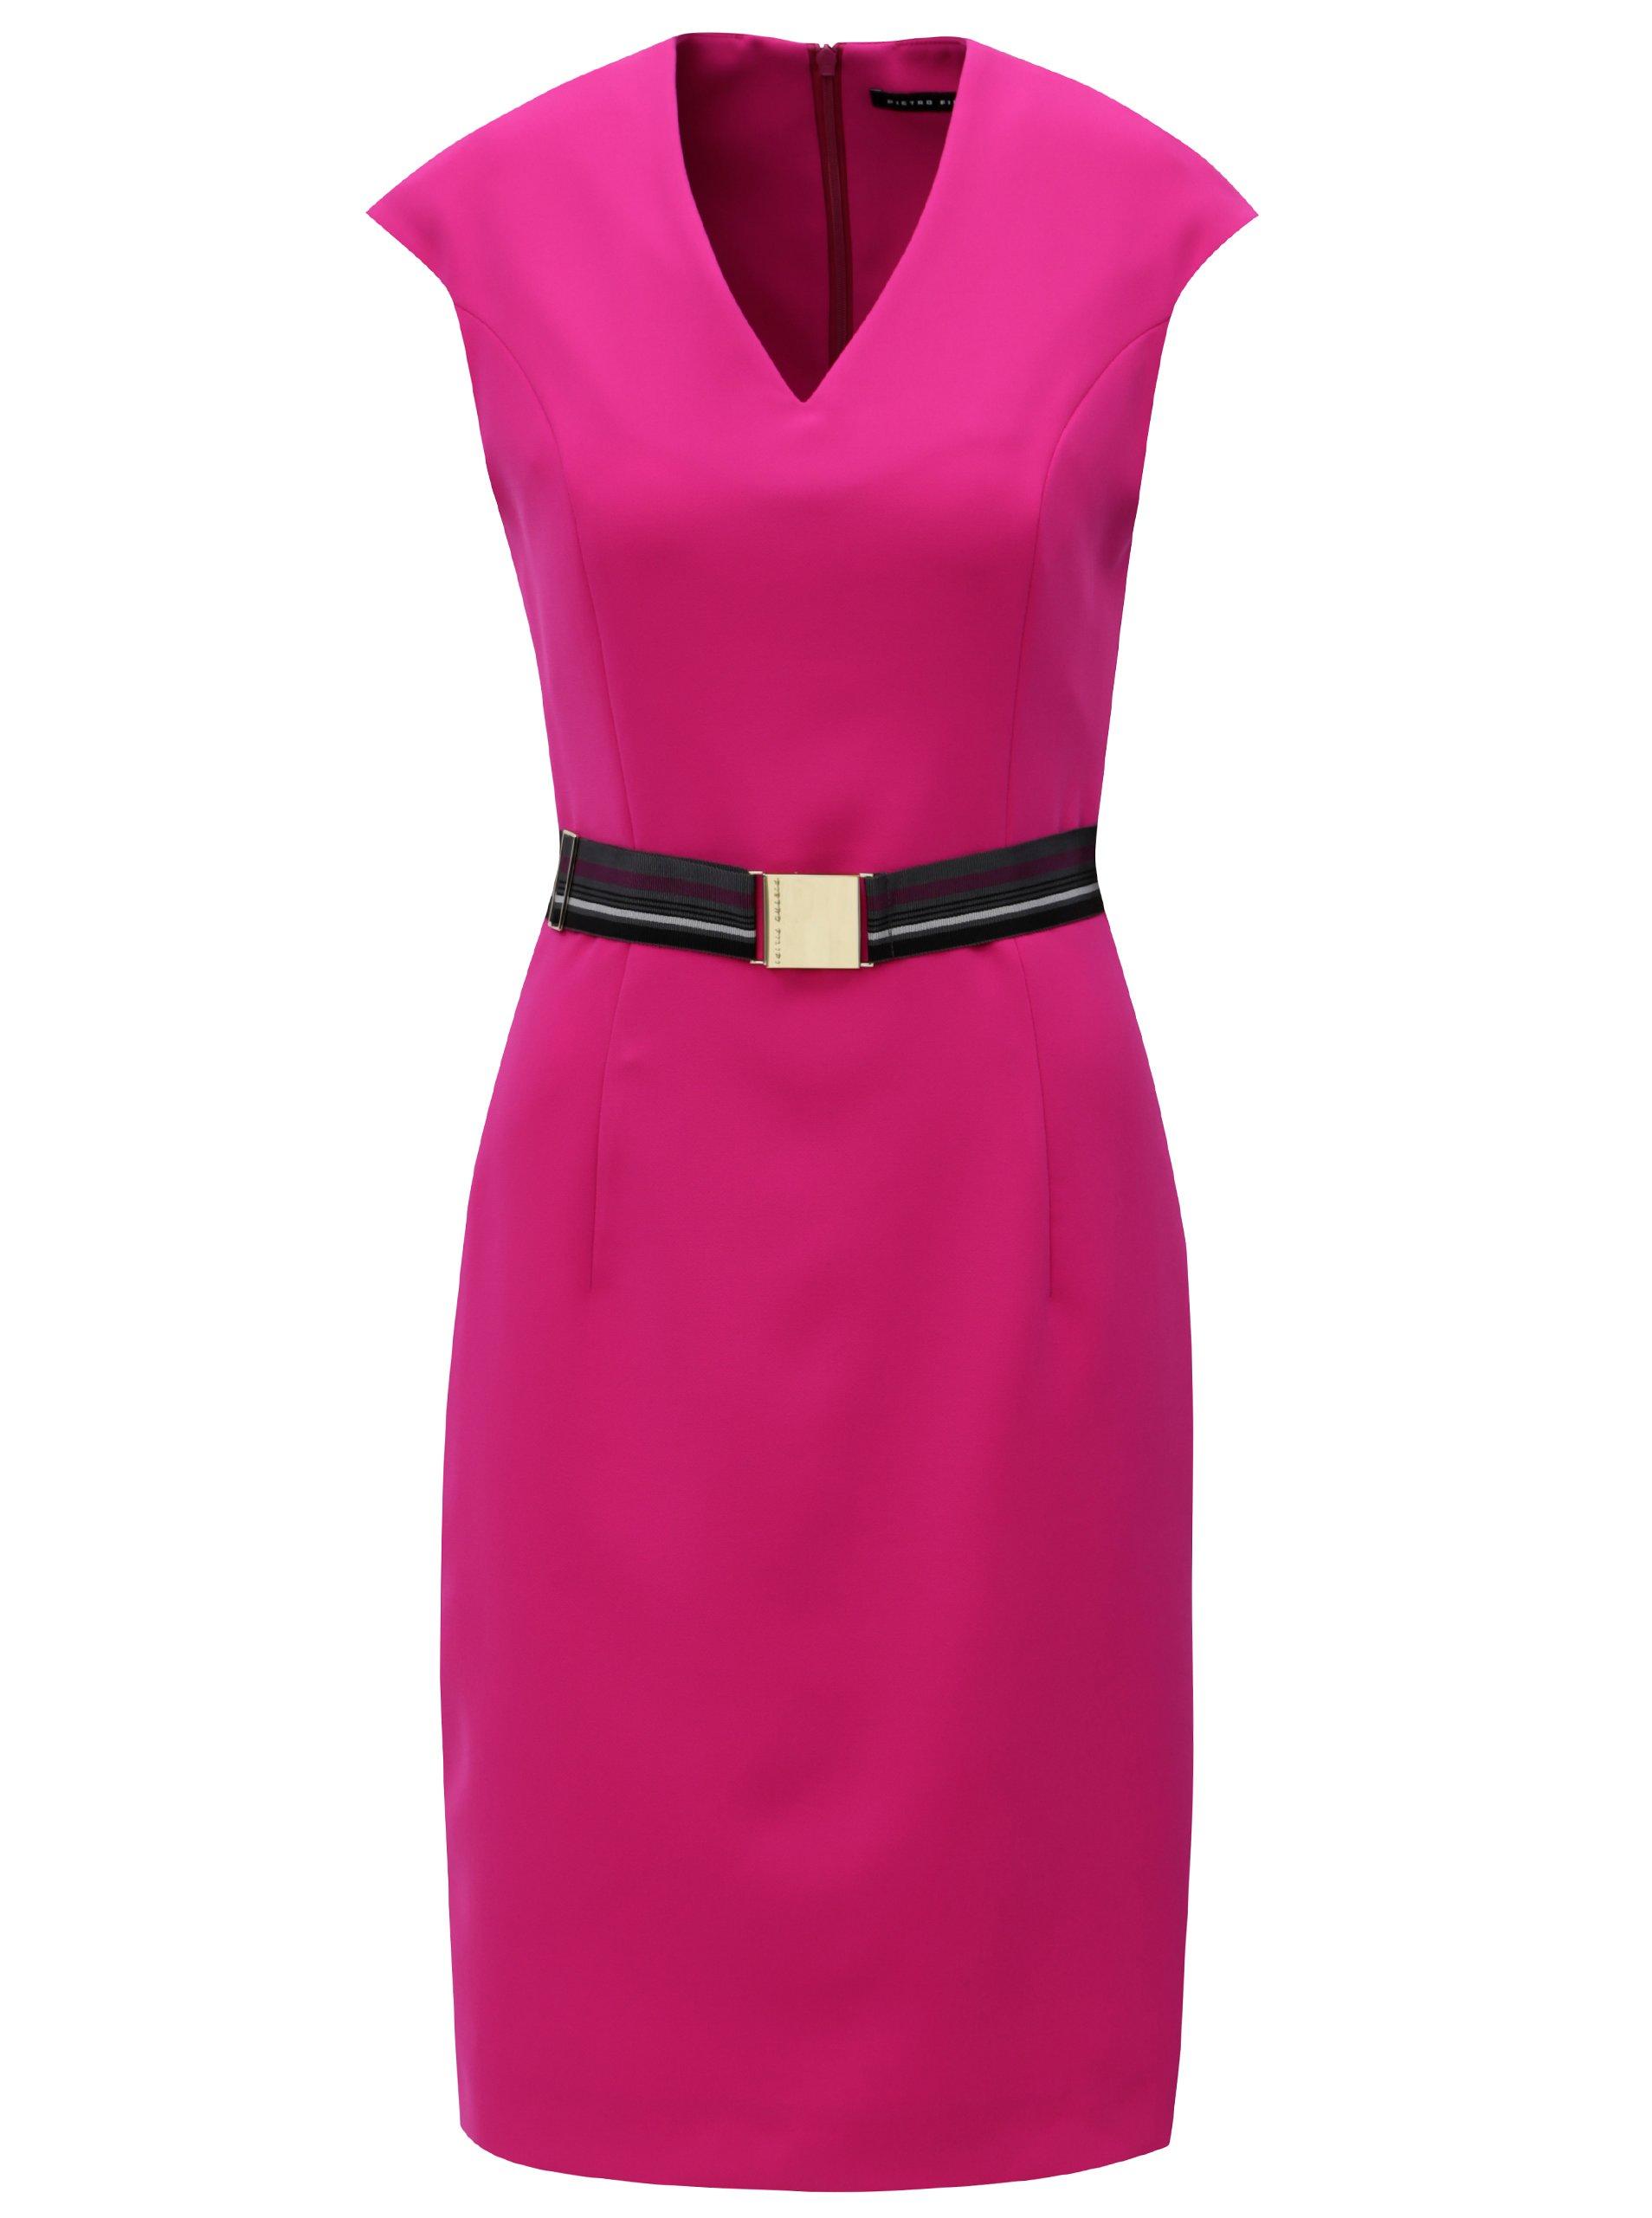 Ružové puzdrové šaty s opaskom Pietro Filipi  fce4ec9ec5c